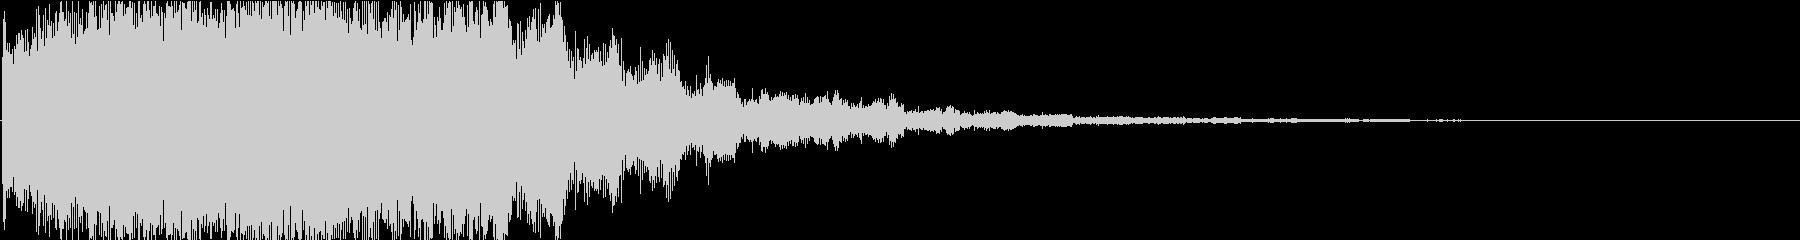 エレクトロ風:場面切り替えロボットの音2の未再生の波形